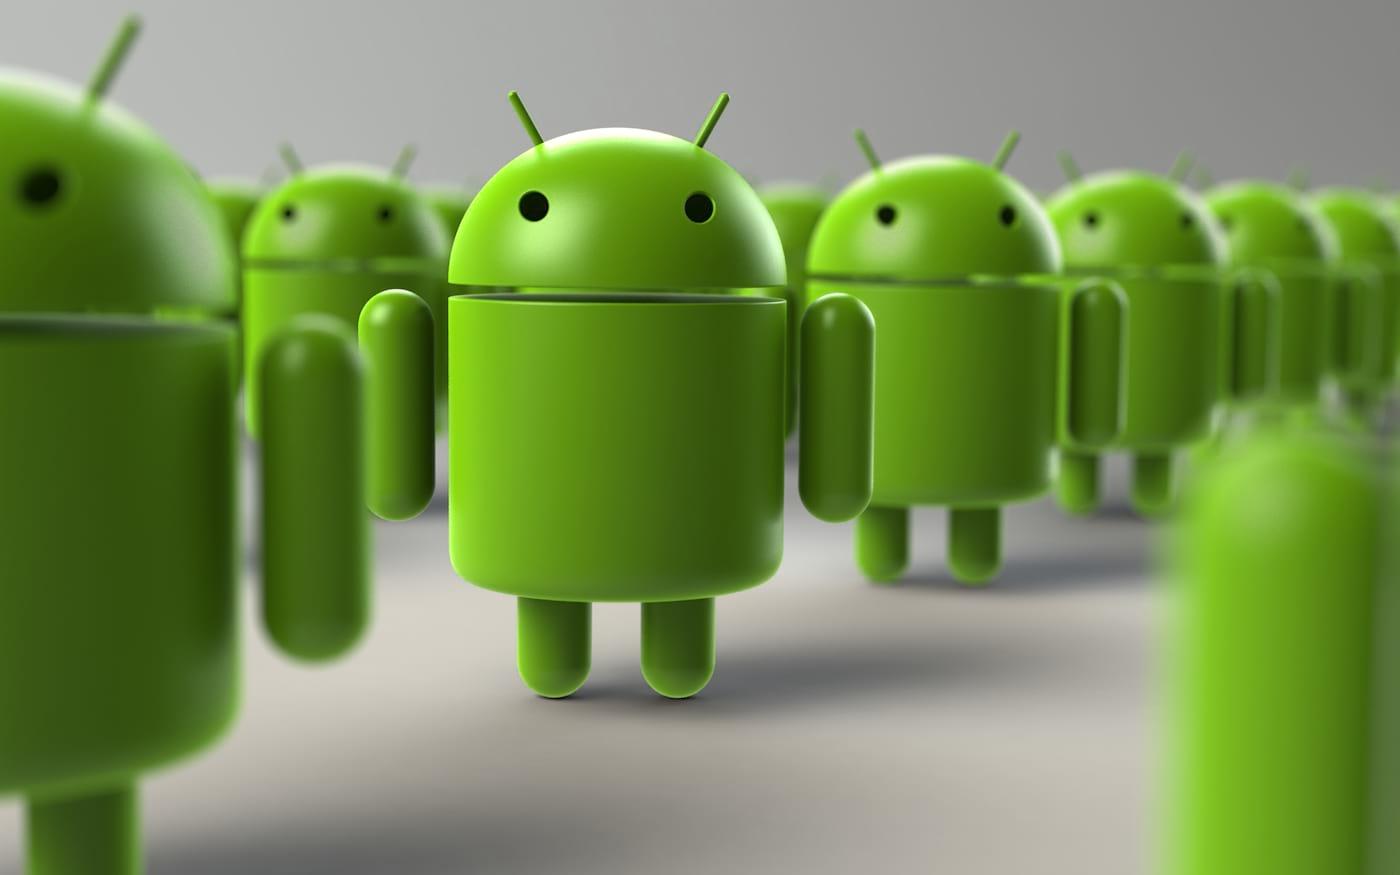 Novo ransomware para Android se camufla em jogo sexual e envia mensagens para contatos da vítima